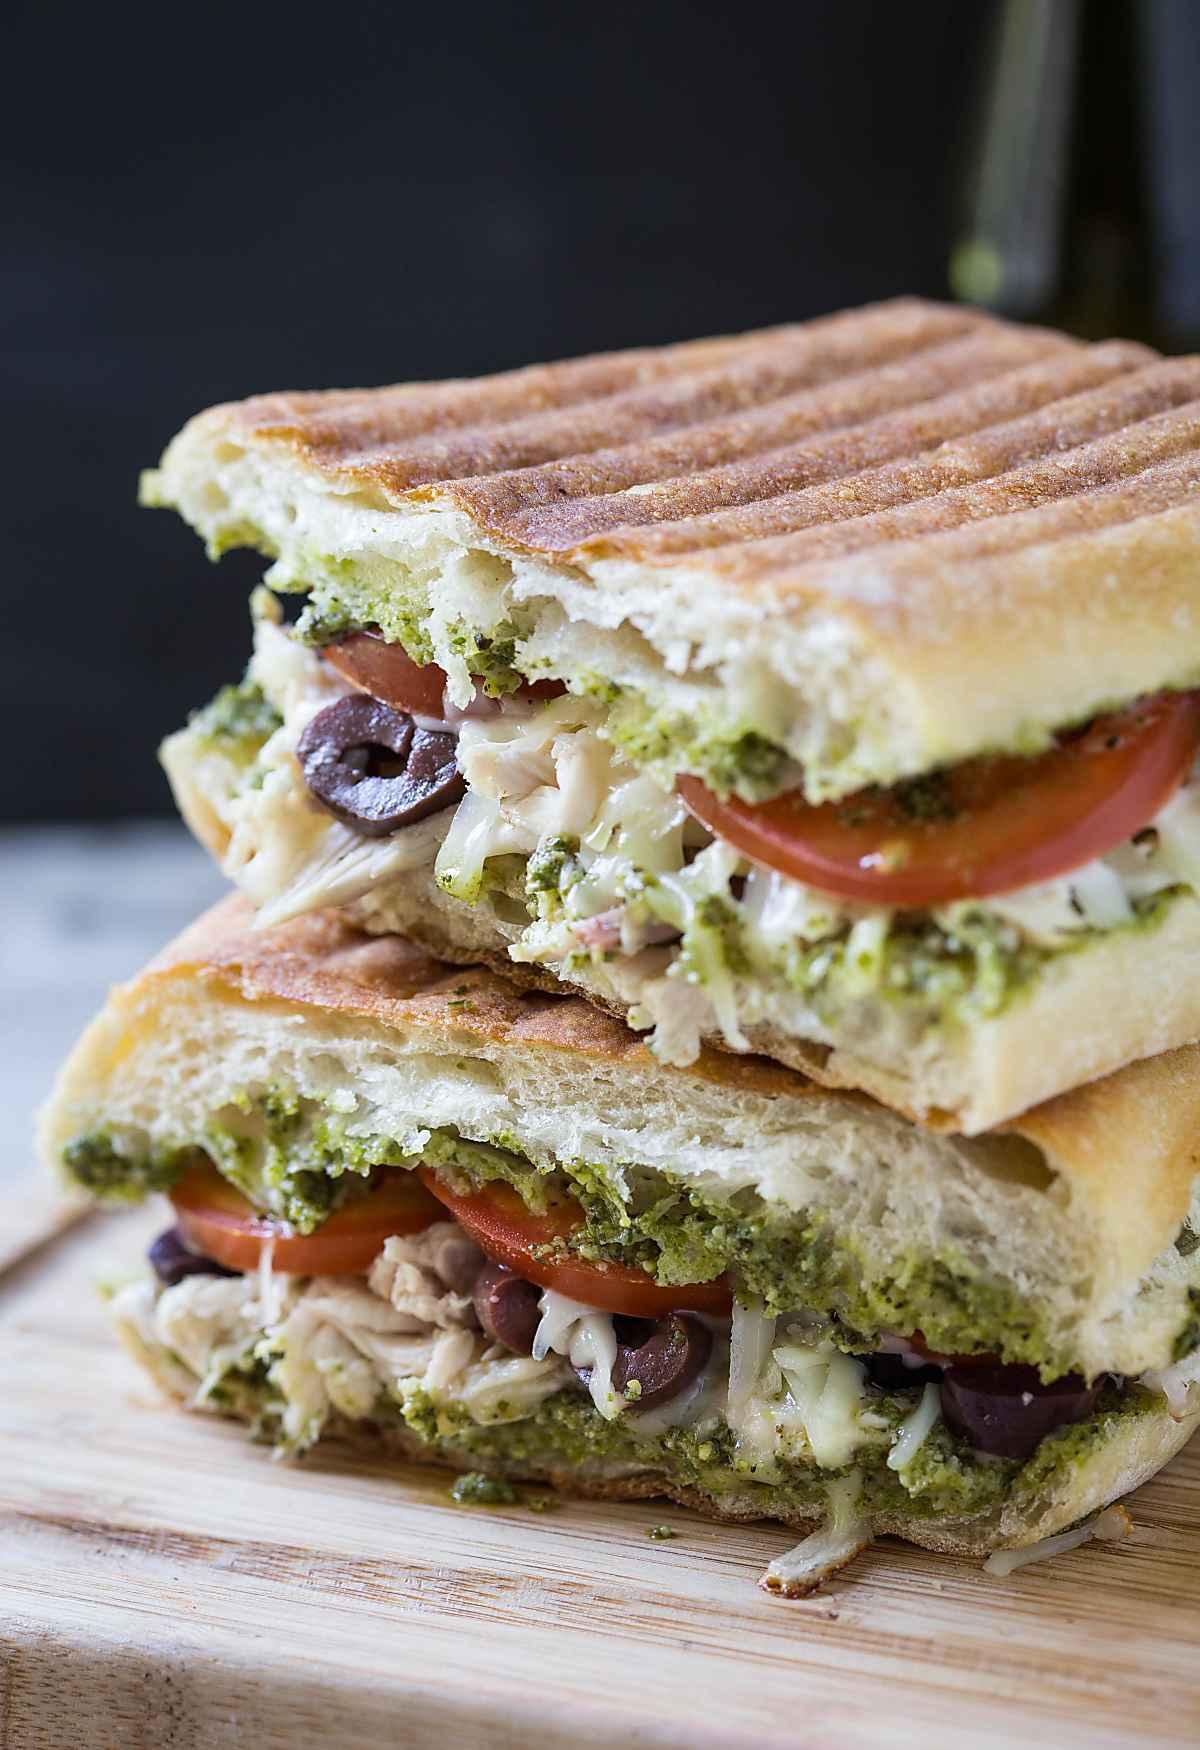 Как сделать сендвичи по пошаговым рецептам с фото